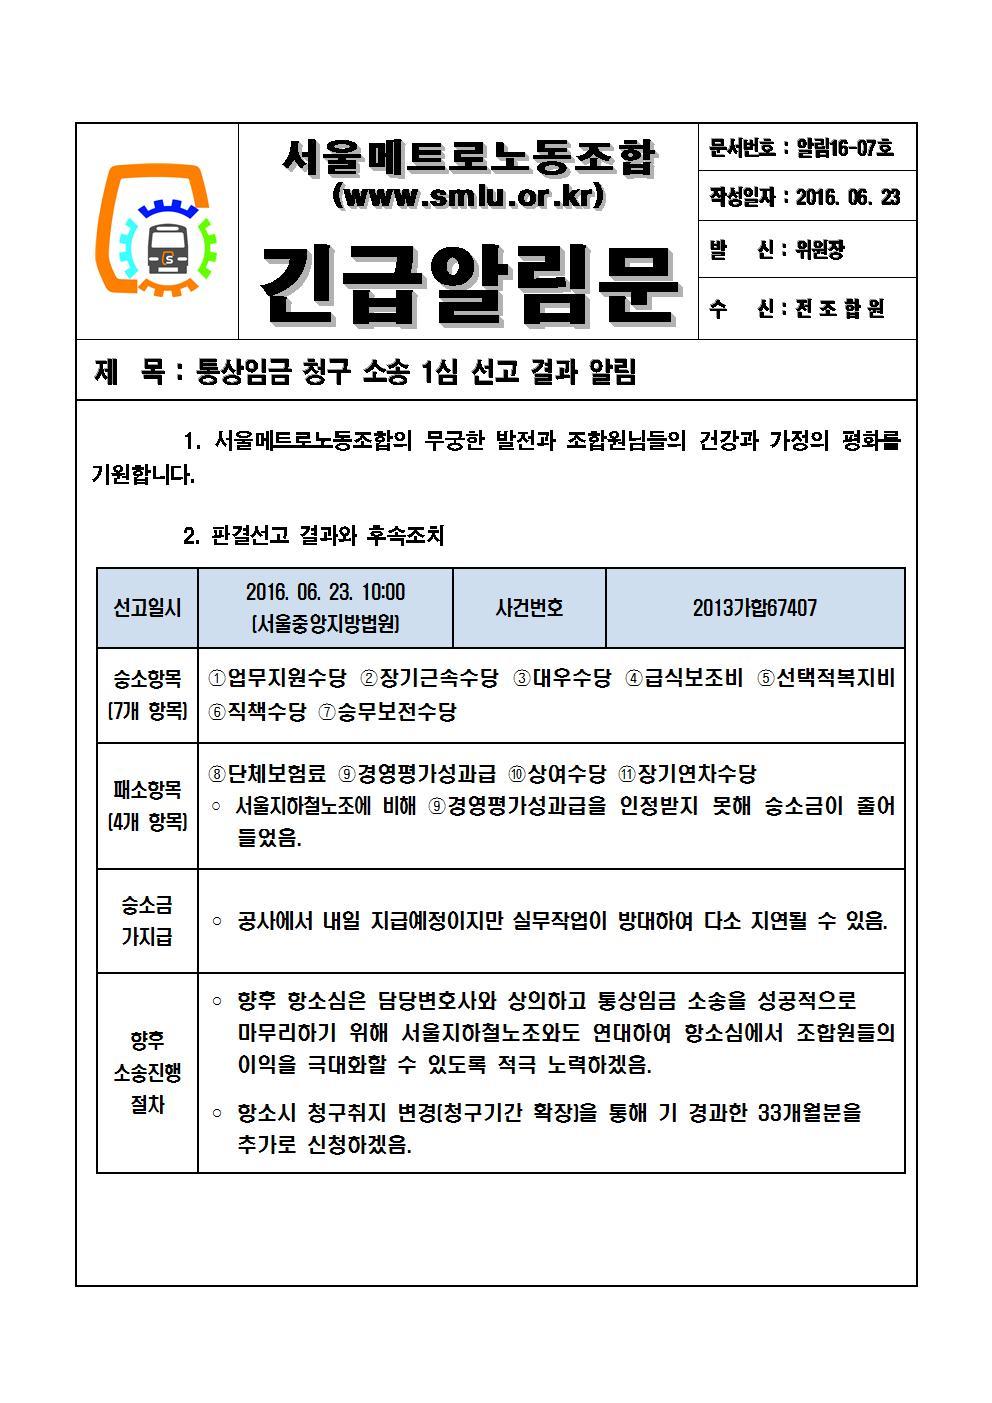 [긴급알림문16-7호]통상임금 청구 소송 1심 선고 결과 알림001.jpg